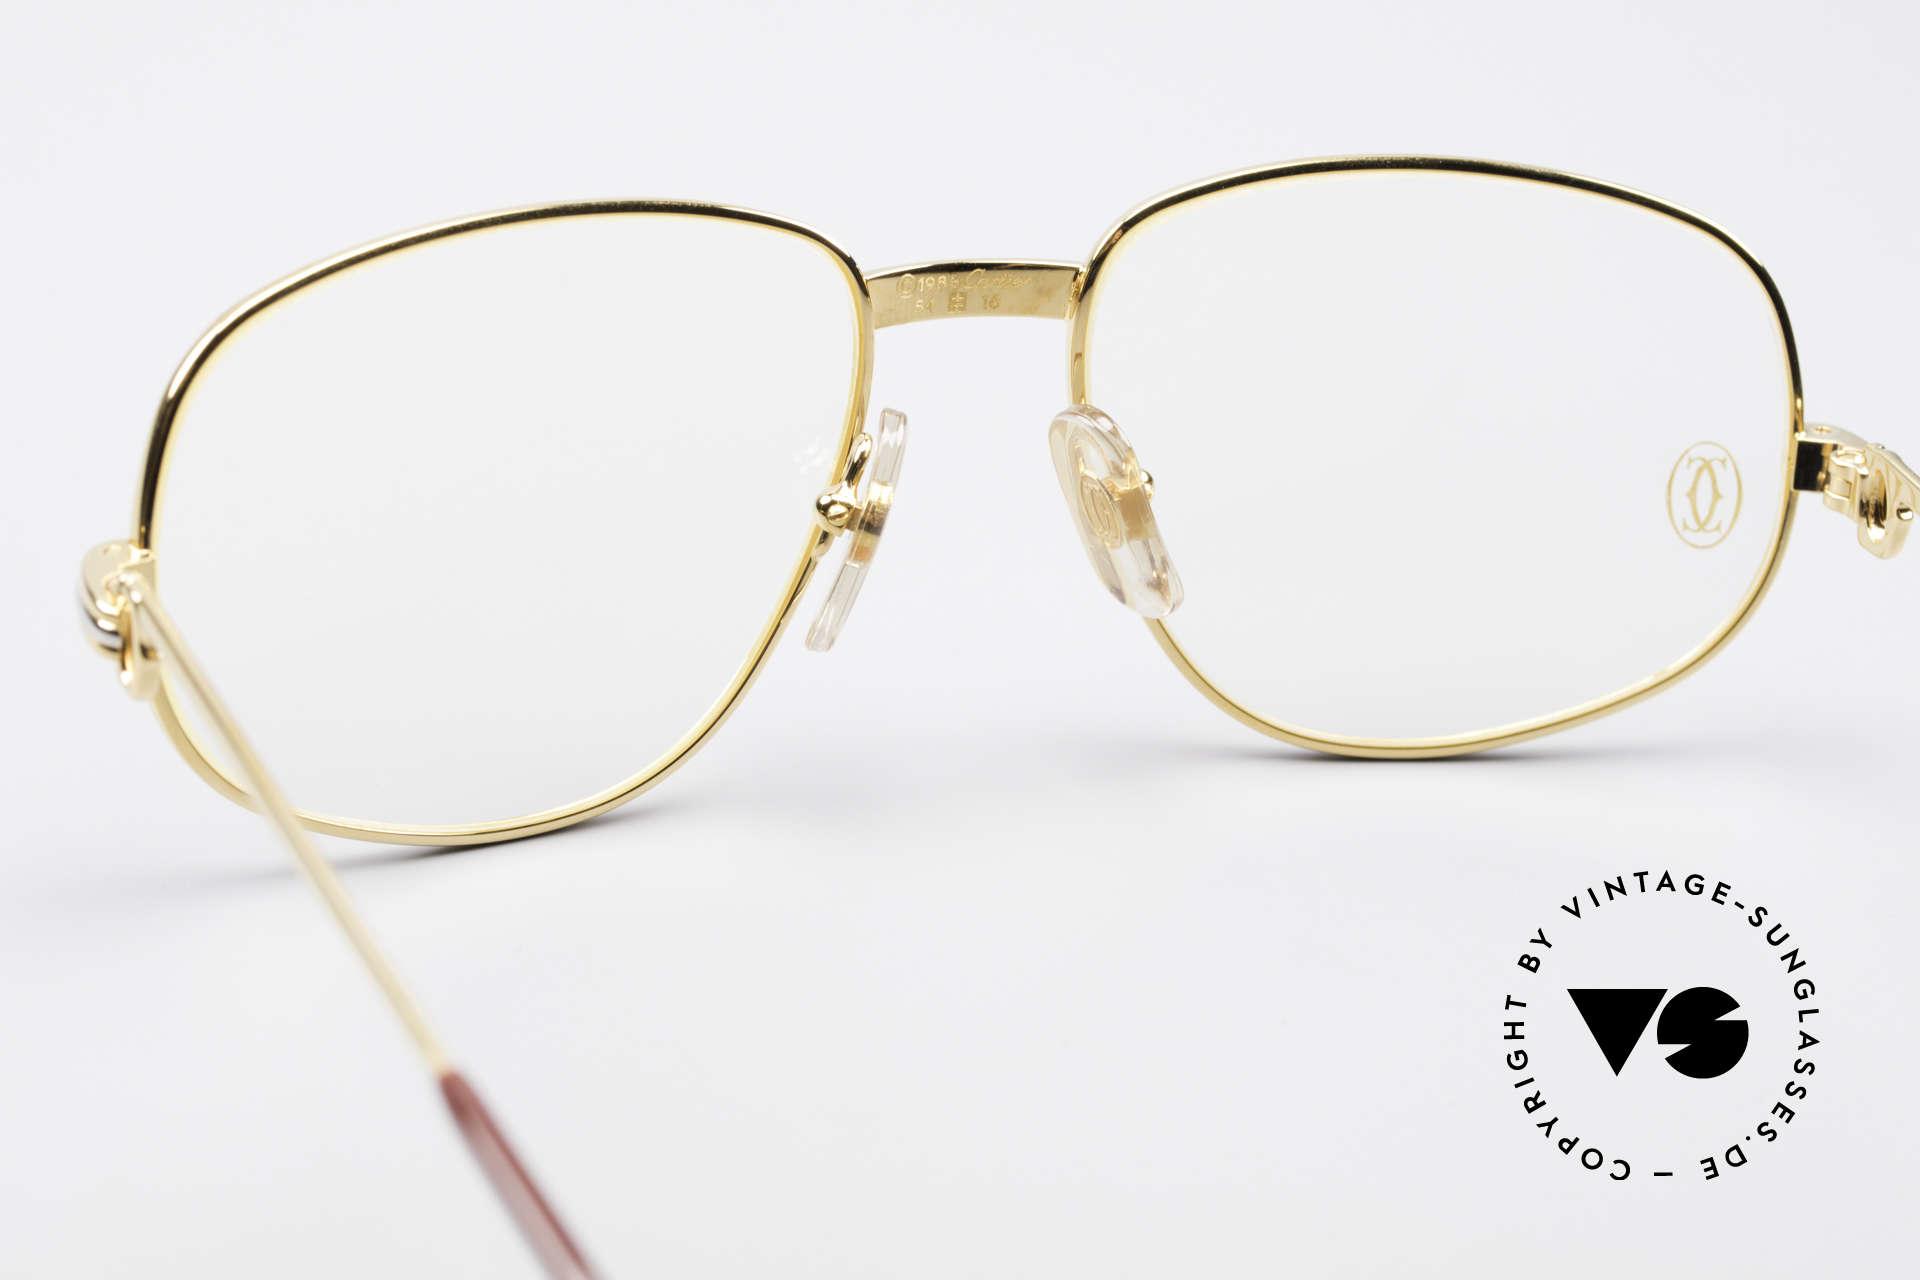 Cartier Romance LC - S Luxus Designer Brille, 22kt vergoldete Fassung (wie alle alten CARTIER Brillen), Passend für Herren und Damen